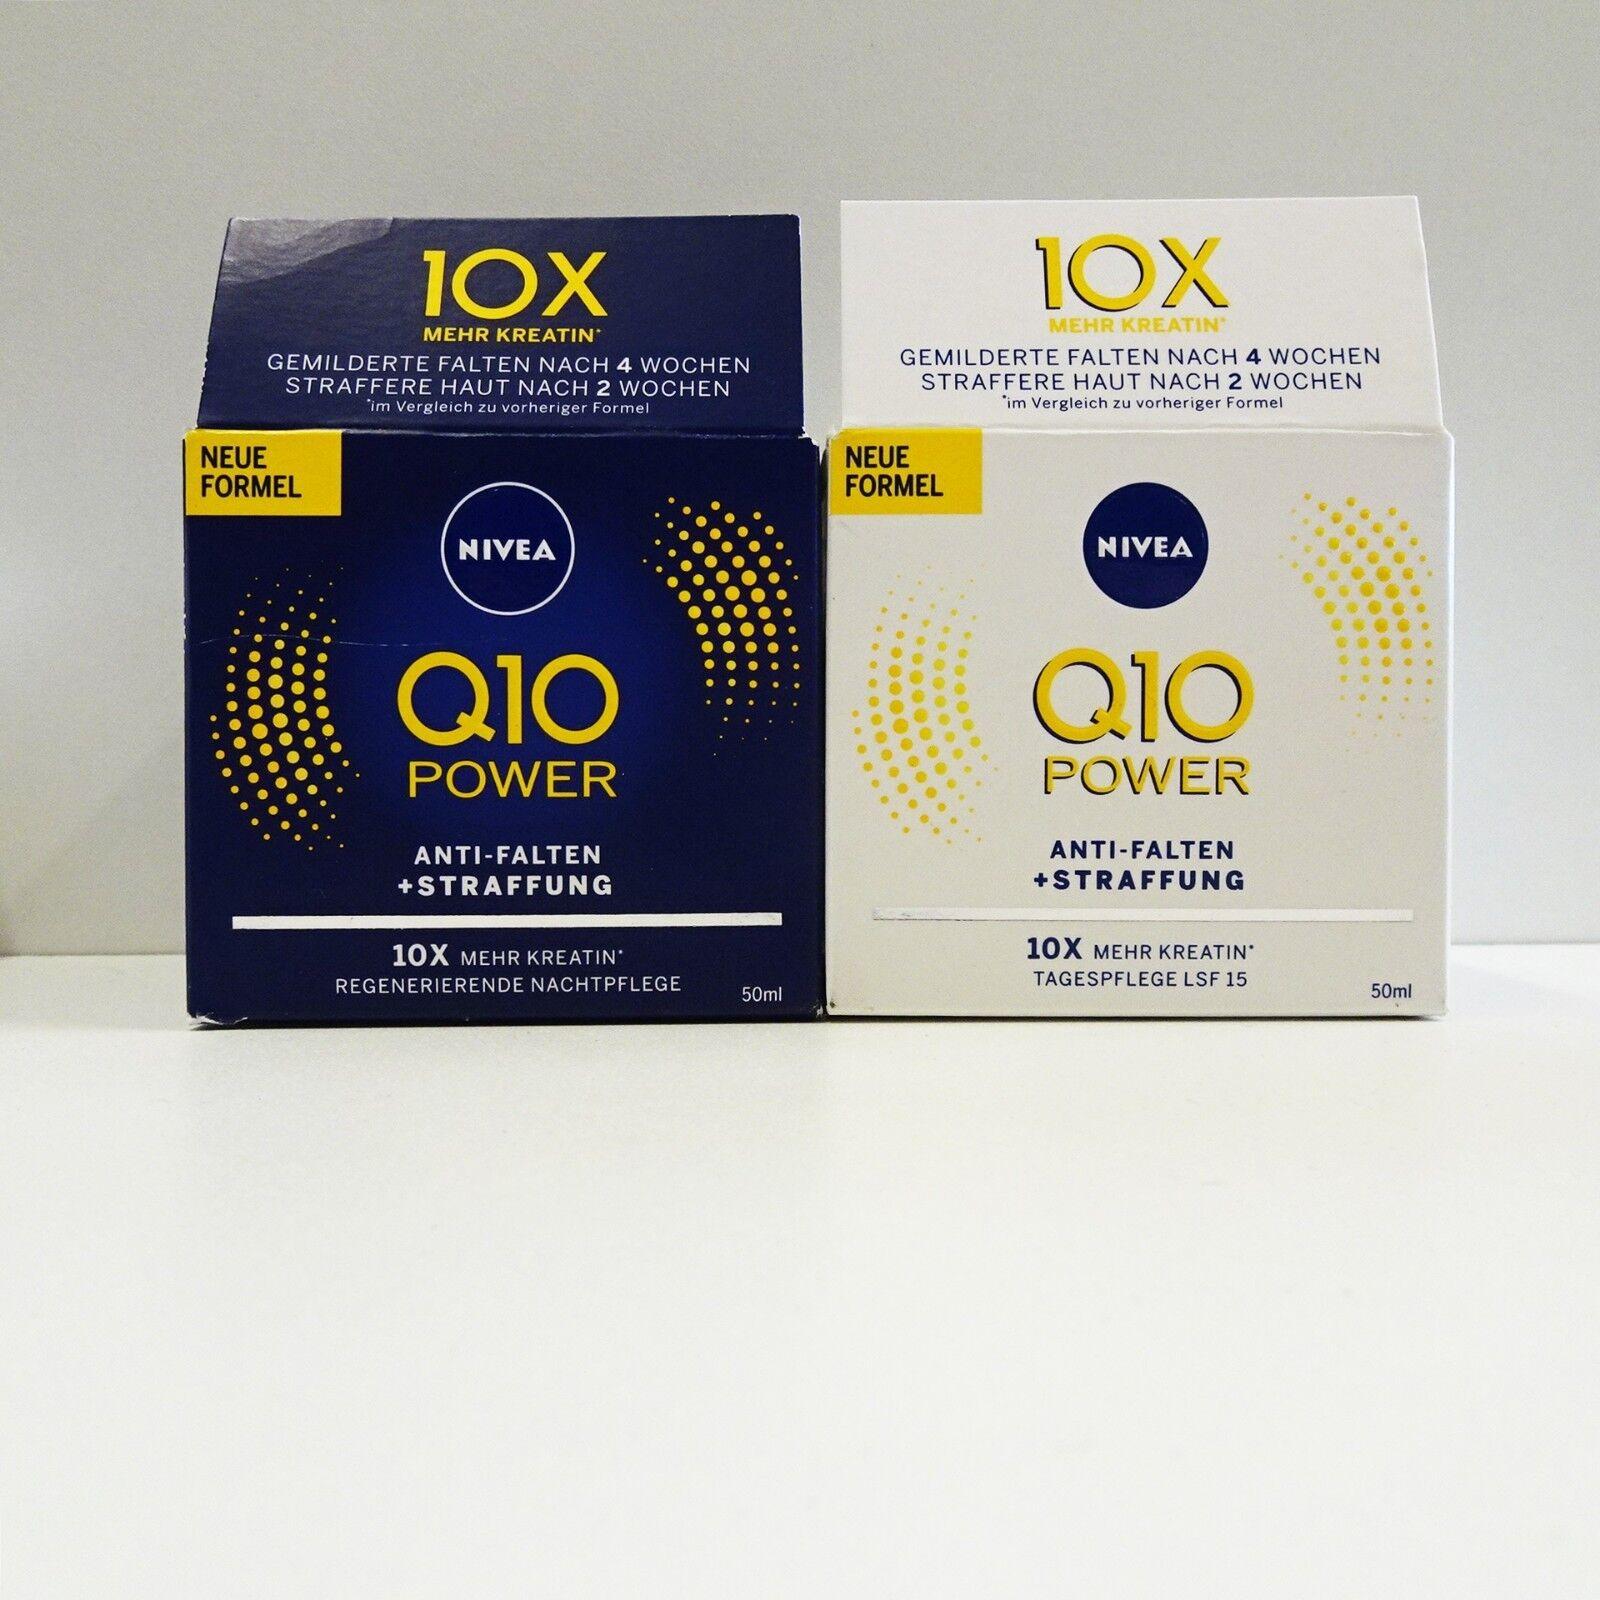 NIVEA Q10 Power Anti Falten + Straffung Nacht- und Tagespflege 2x50 ml